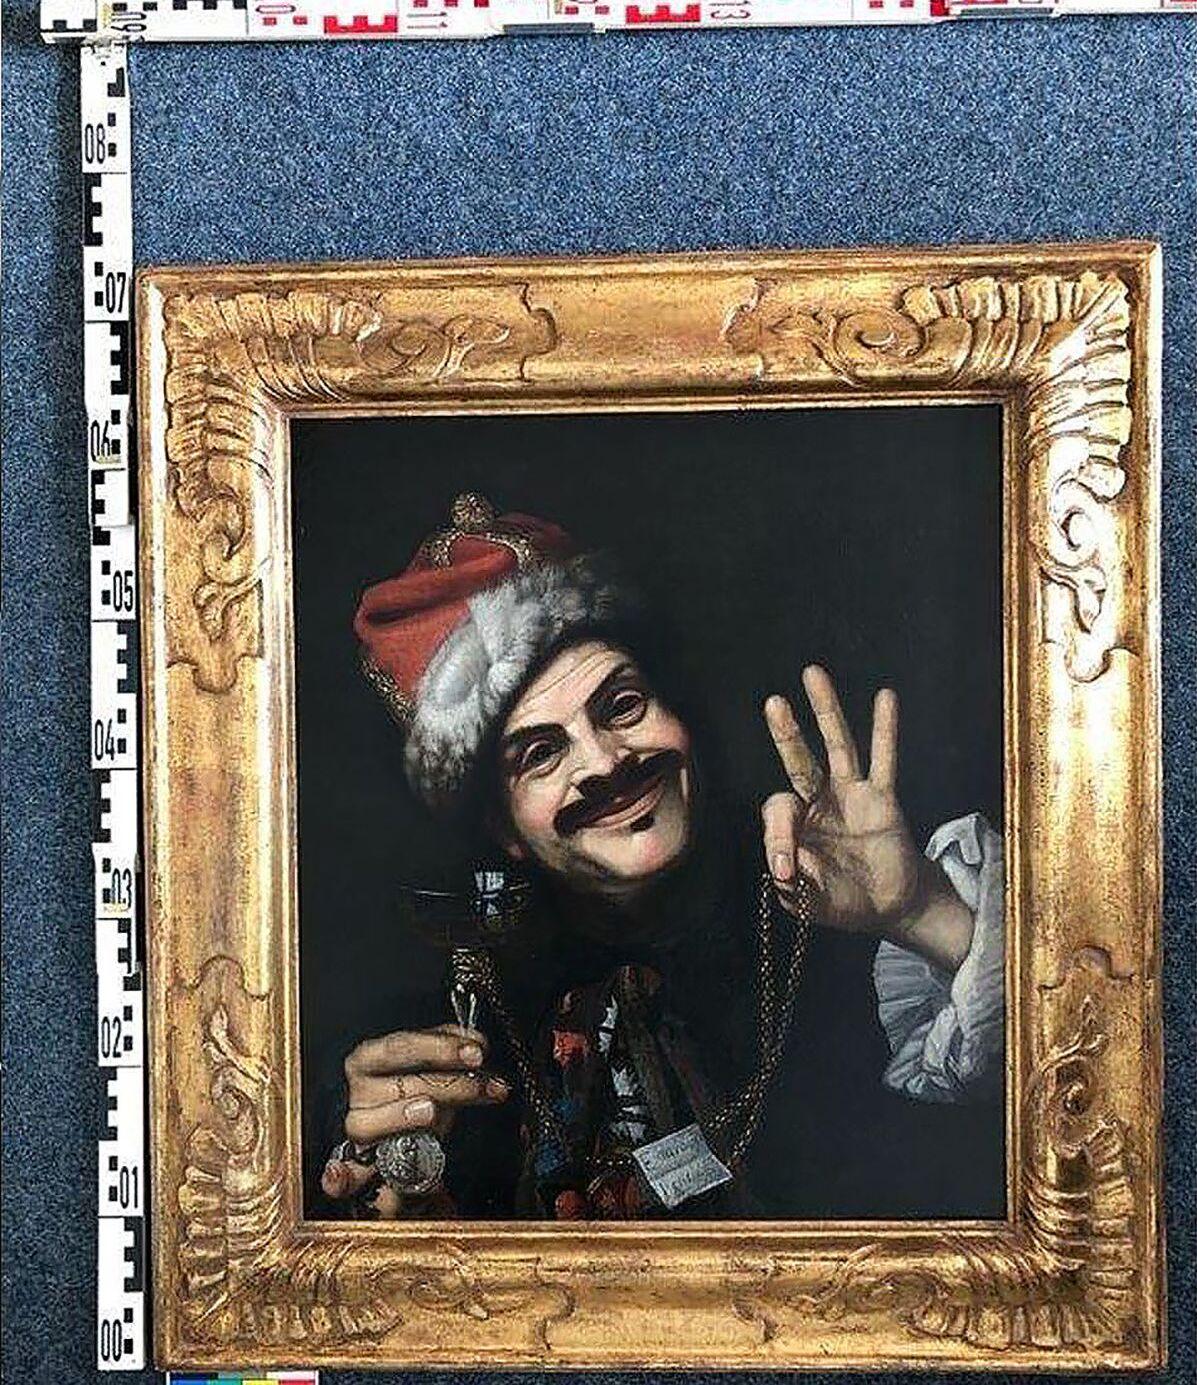 Quadro Autorretrato de Pietro Bellotti encontrado em lixeira na Alemanha